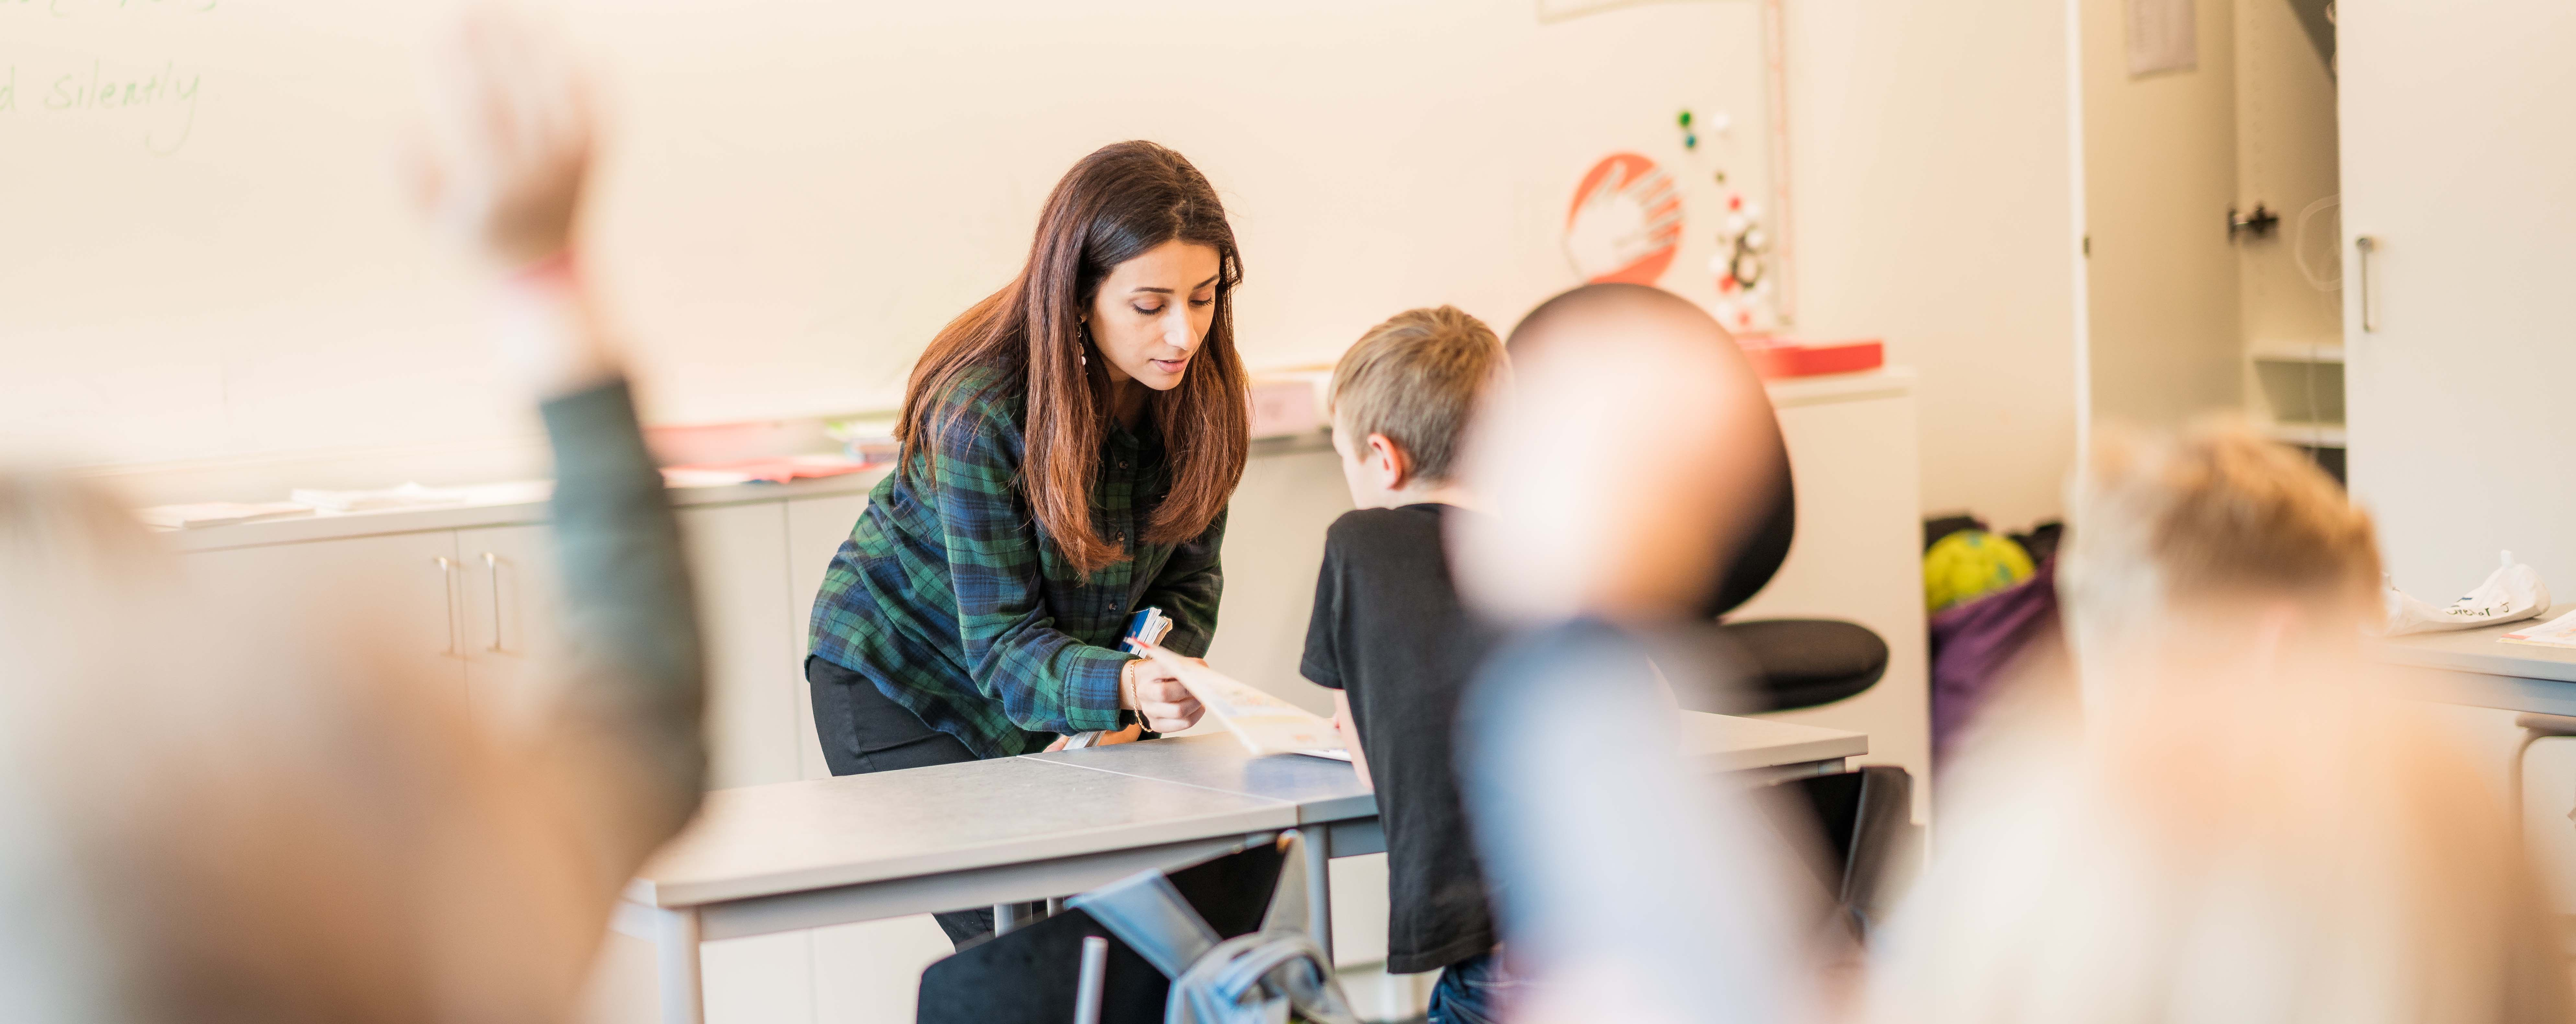 d06f9c5491ae En bild från ett klassrum med en lärare och elever som räcker upp handen i  förgrunden